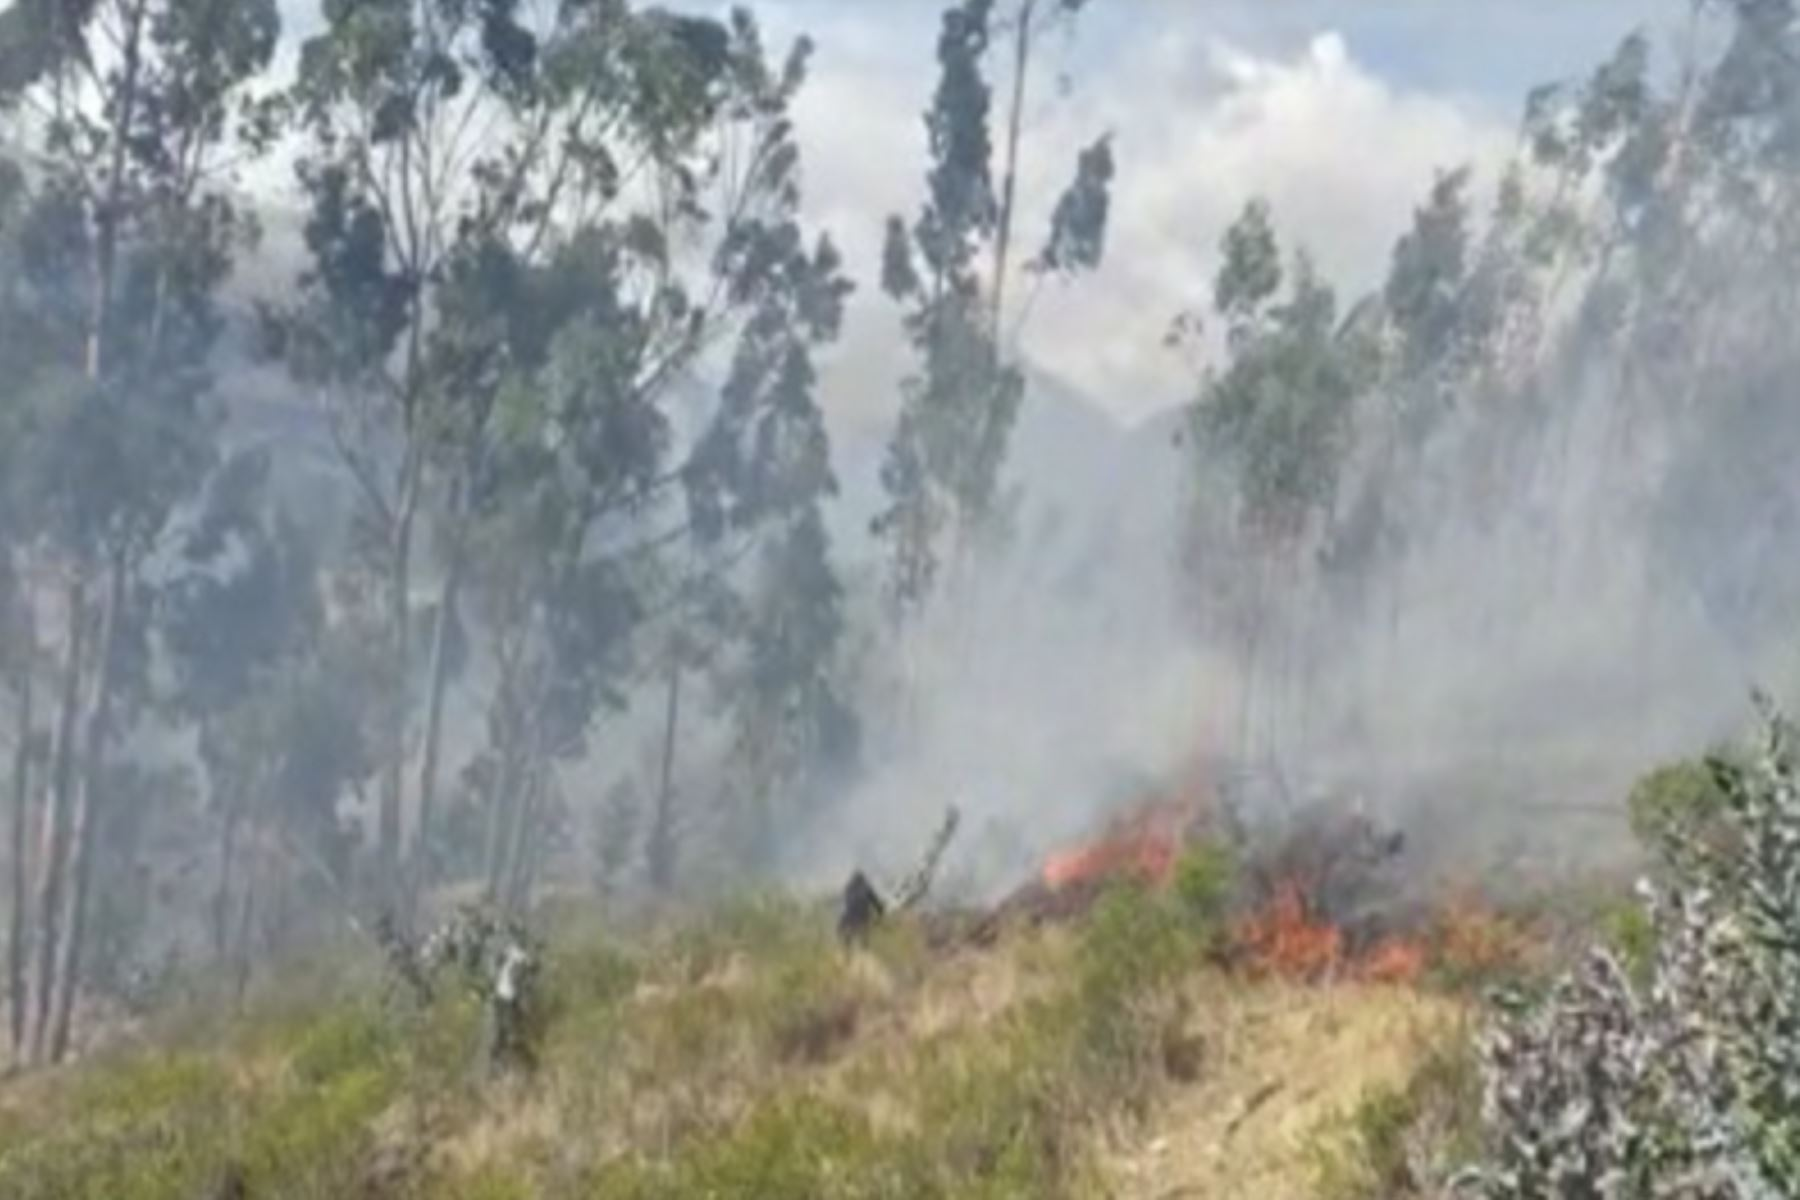 El COER Áncash exhortó a la población a no hacer ningún tipo de quemas porque pueden convertirse en incendios y generan graves daños al ecosistema. Foto: ANDINA/Difusión